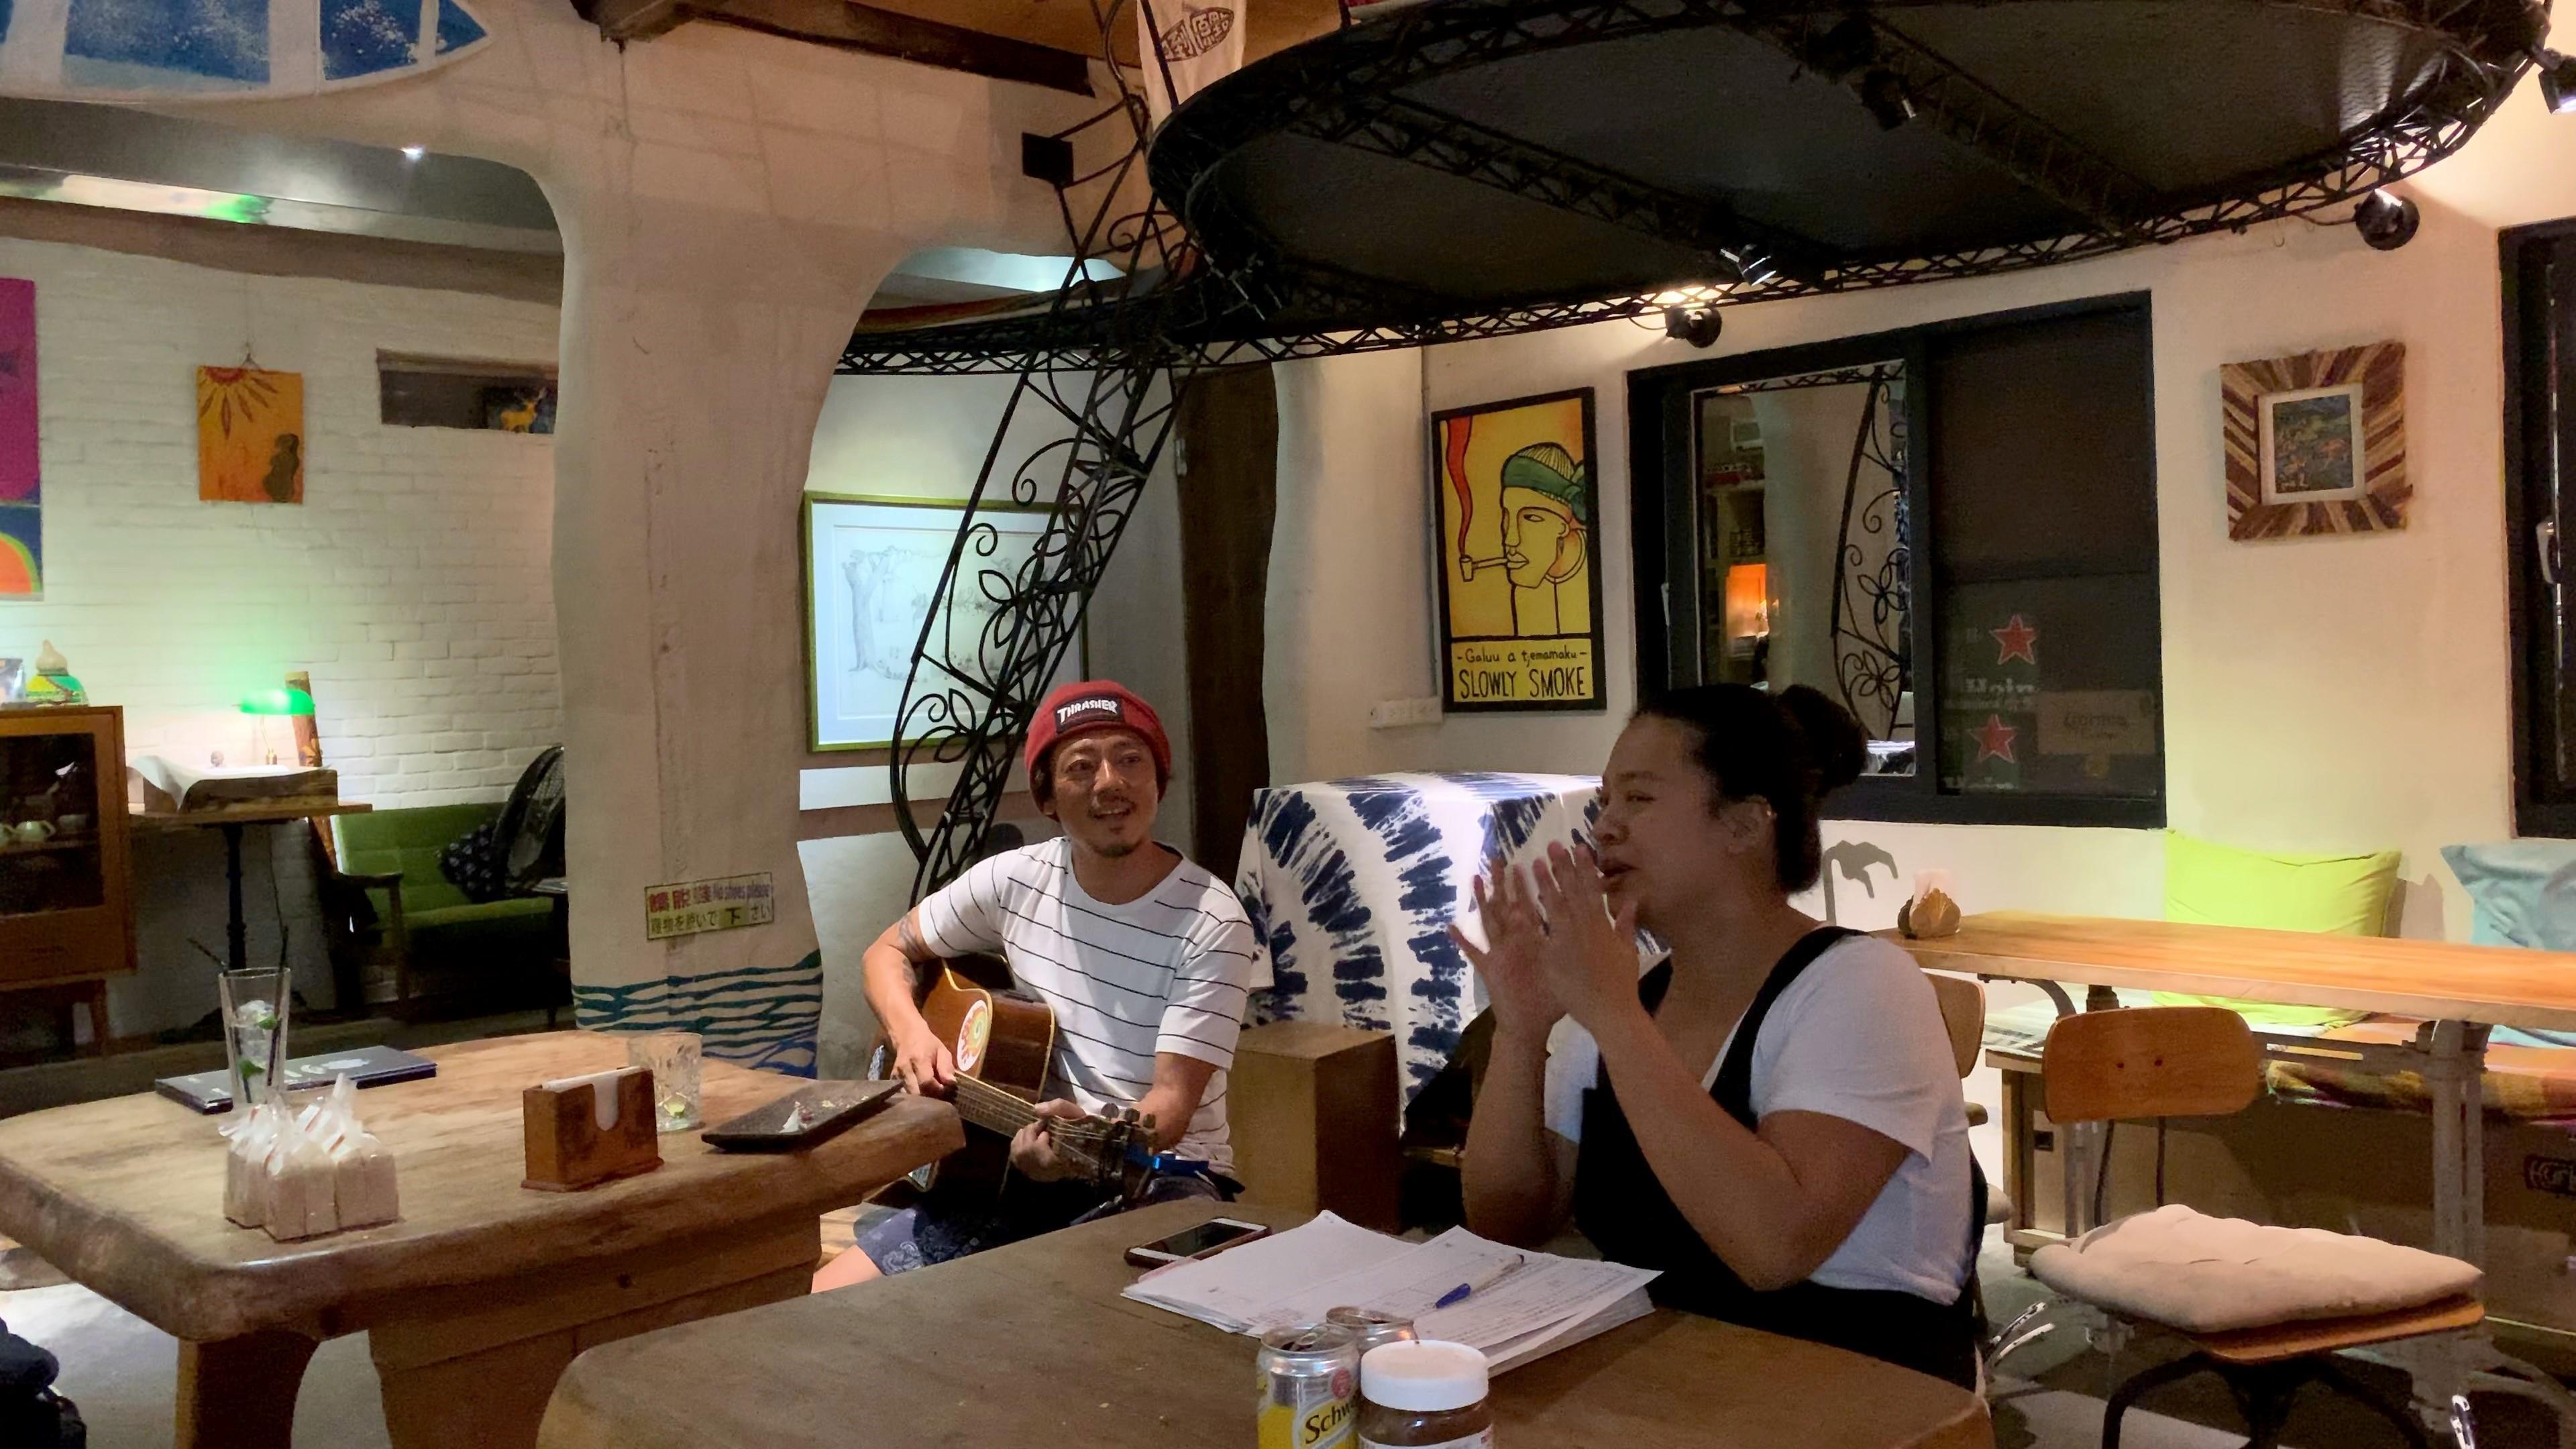 東台湾ホテル&レストラン熱帯低気圧にて淳さんの弾き語りにあわせ一緒に歌を歌う会計中だった奥様 photo by DRAGONPRESS沼田孝彦